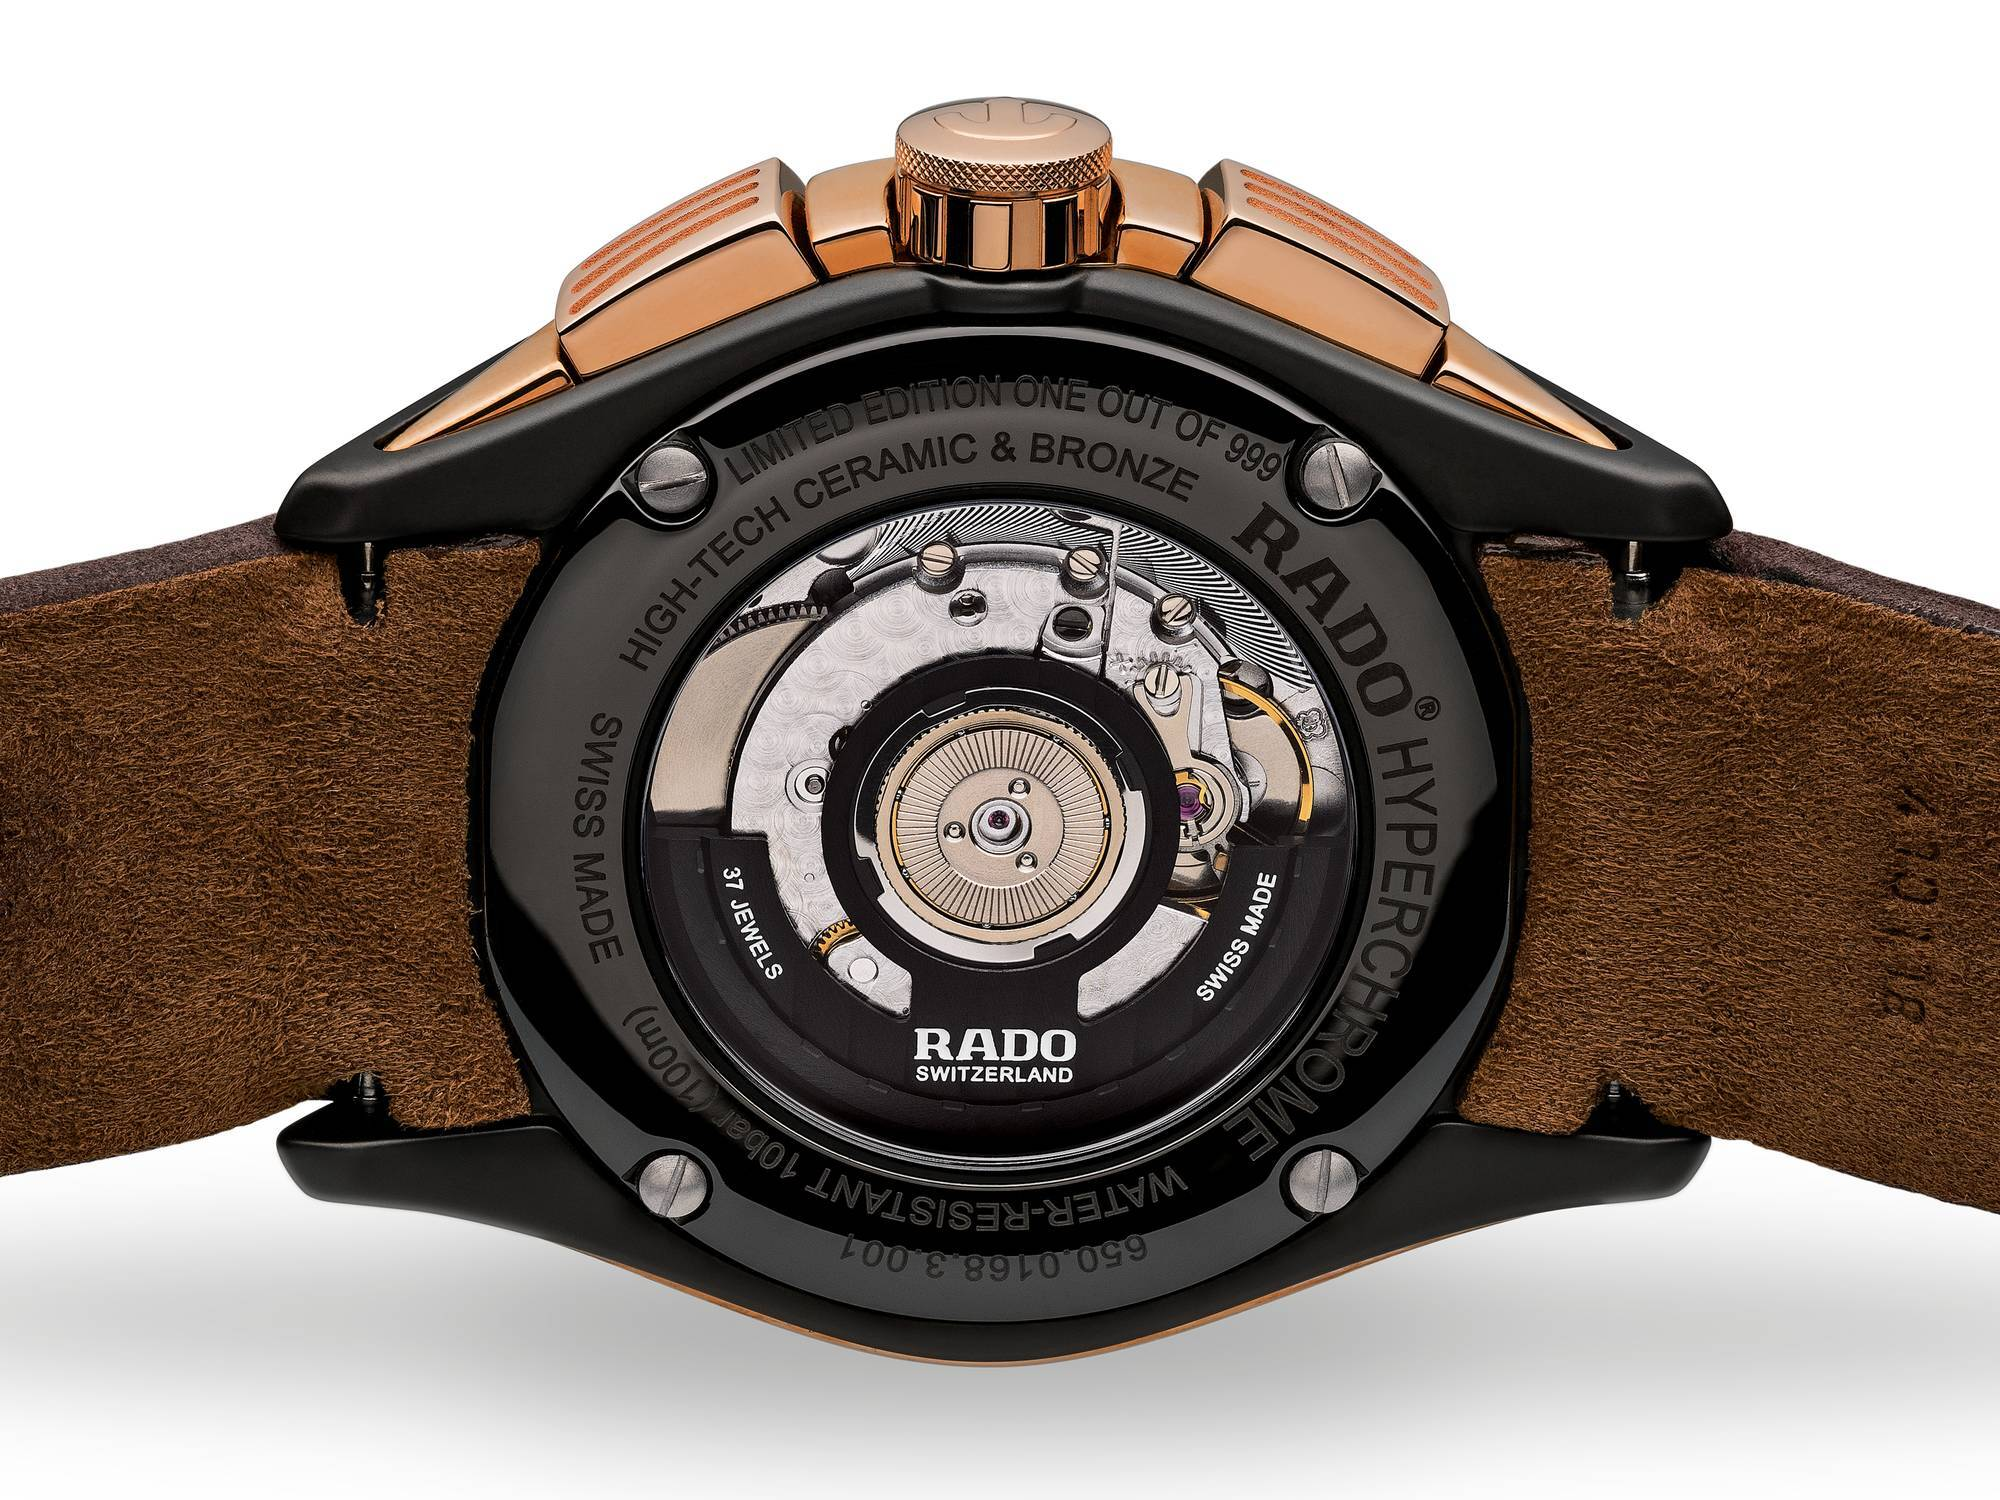 【RADO ラドー】Hyperchrome Automatic Chronograph ハイパークロームクロノグラフ(ブロンズ)999本限定品/正規輸入品